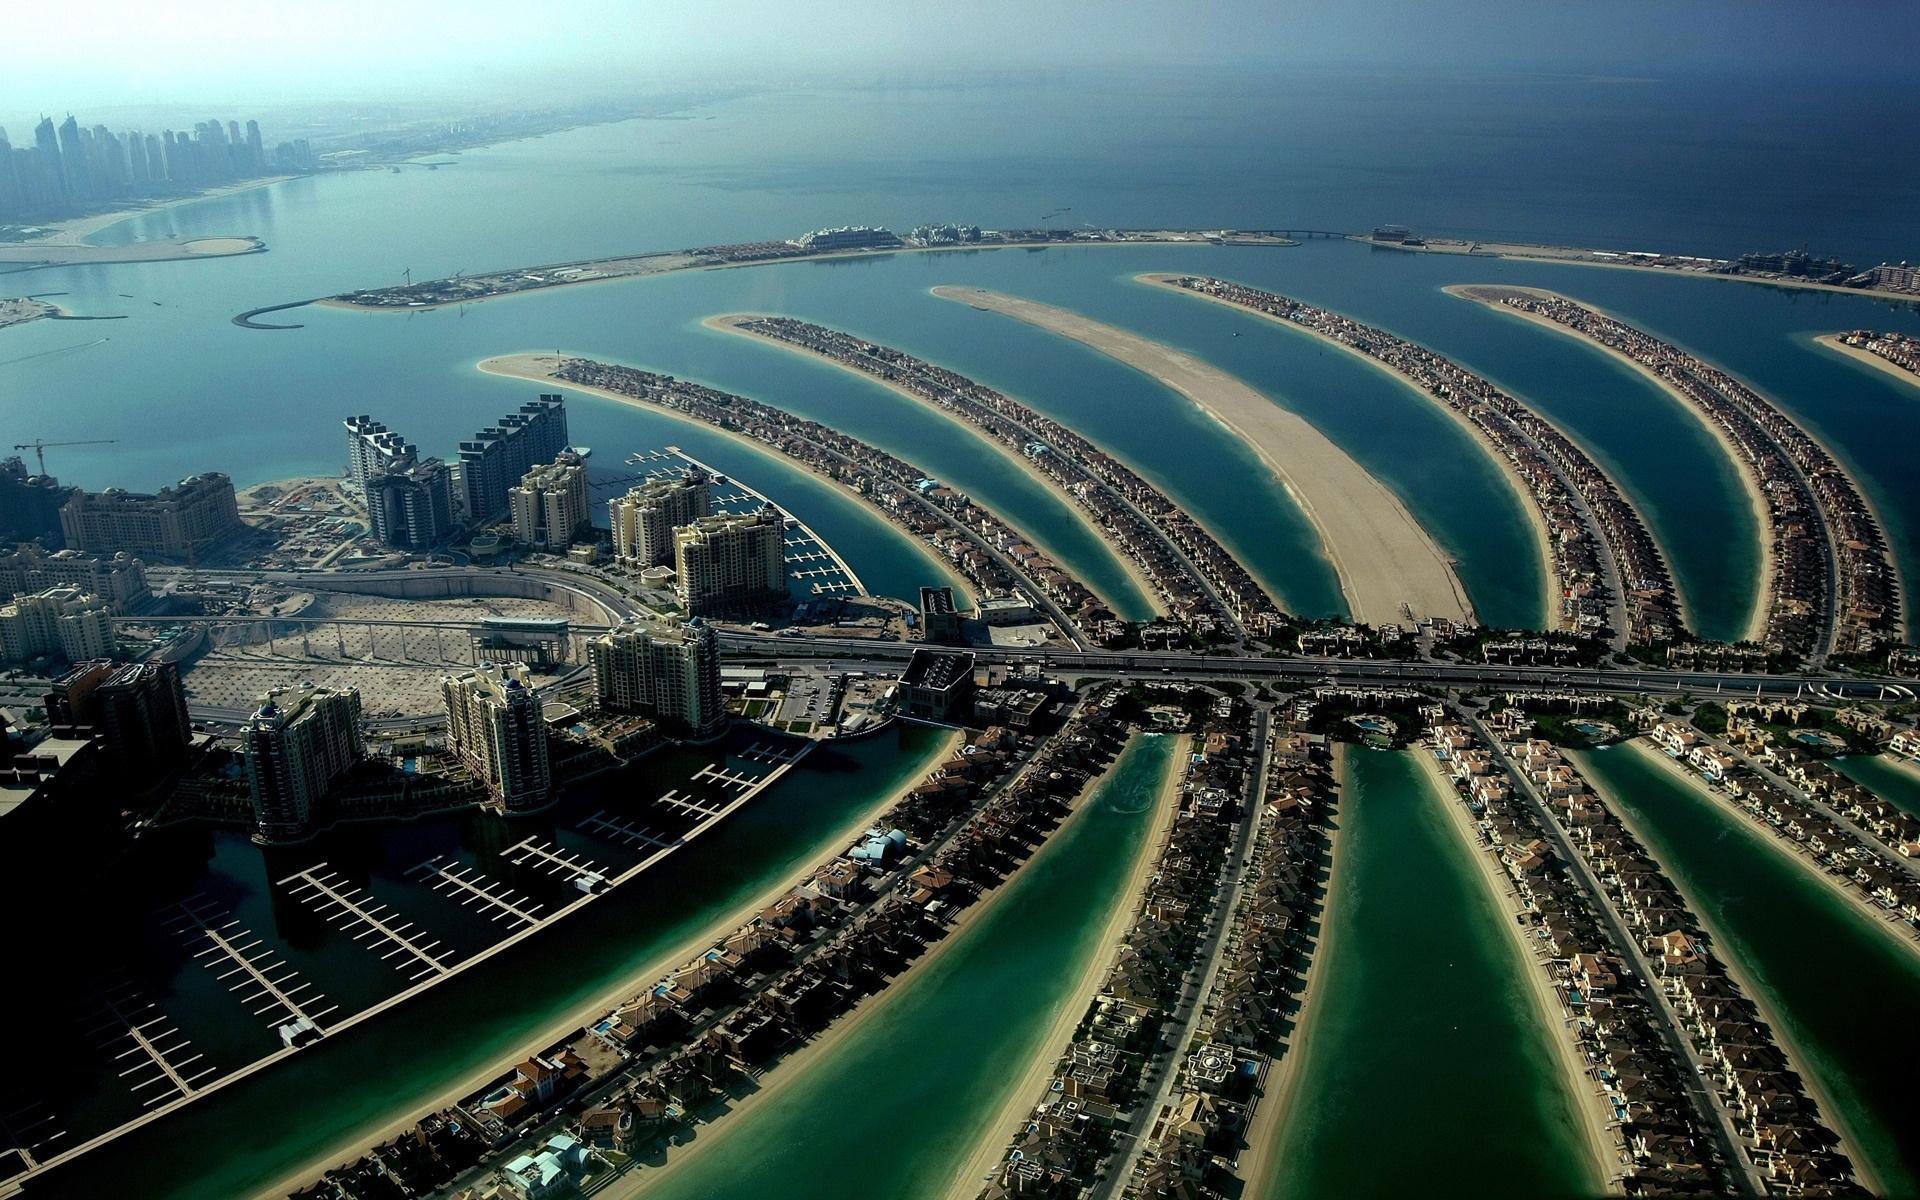 ОАЭ, Эмираты, Пальма Джумейра, Дубаи обои для рабочего стола ...